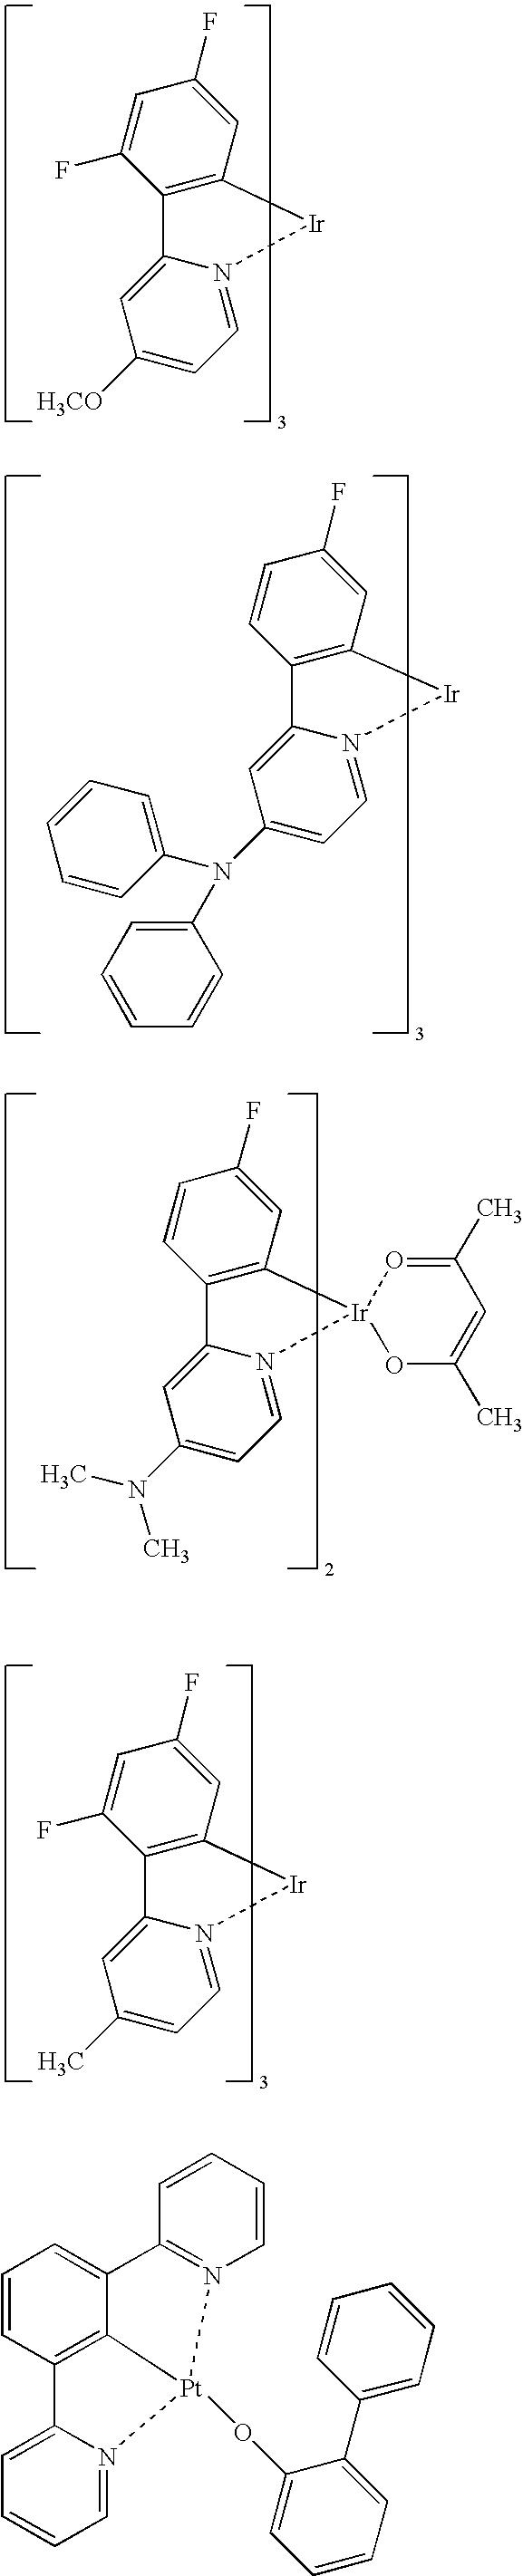 Figure US20100171109A1-20100708-C00155